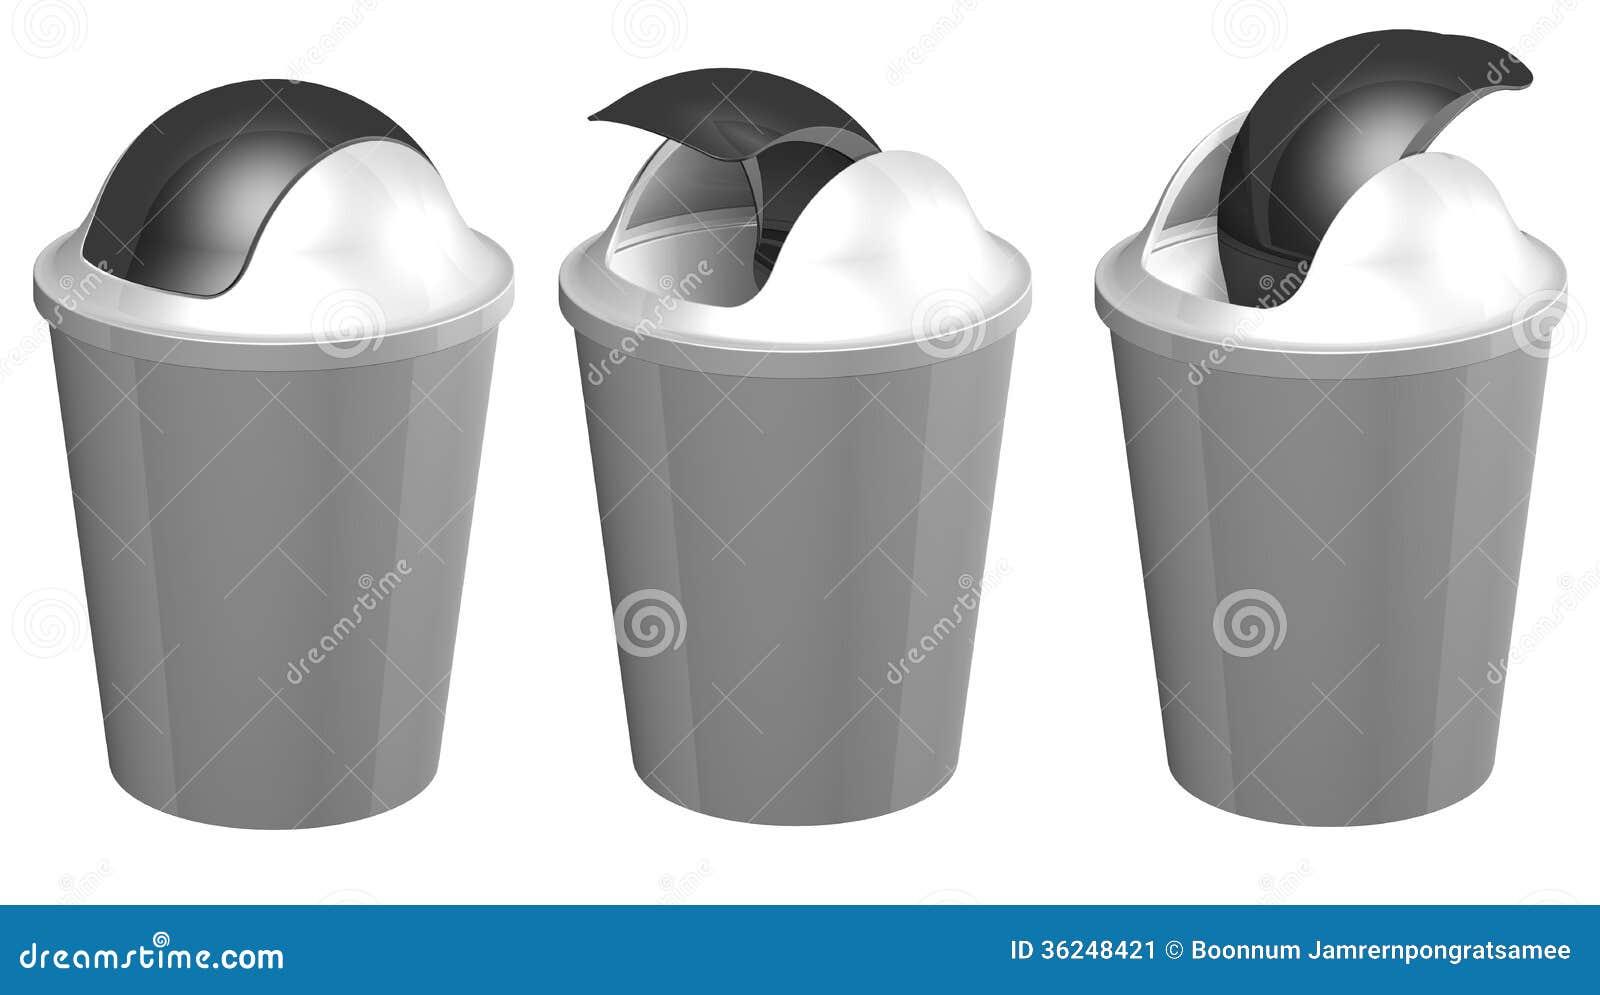 poubelle en plastique de la toilette 3d image stock. Black Bedroom Furniture Sets. Home Design Ideas